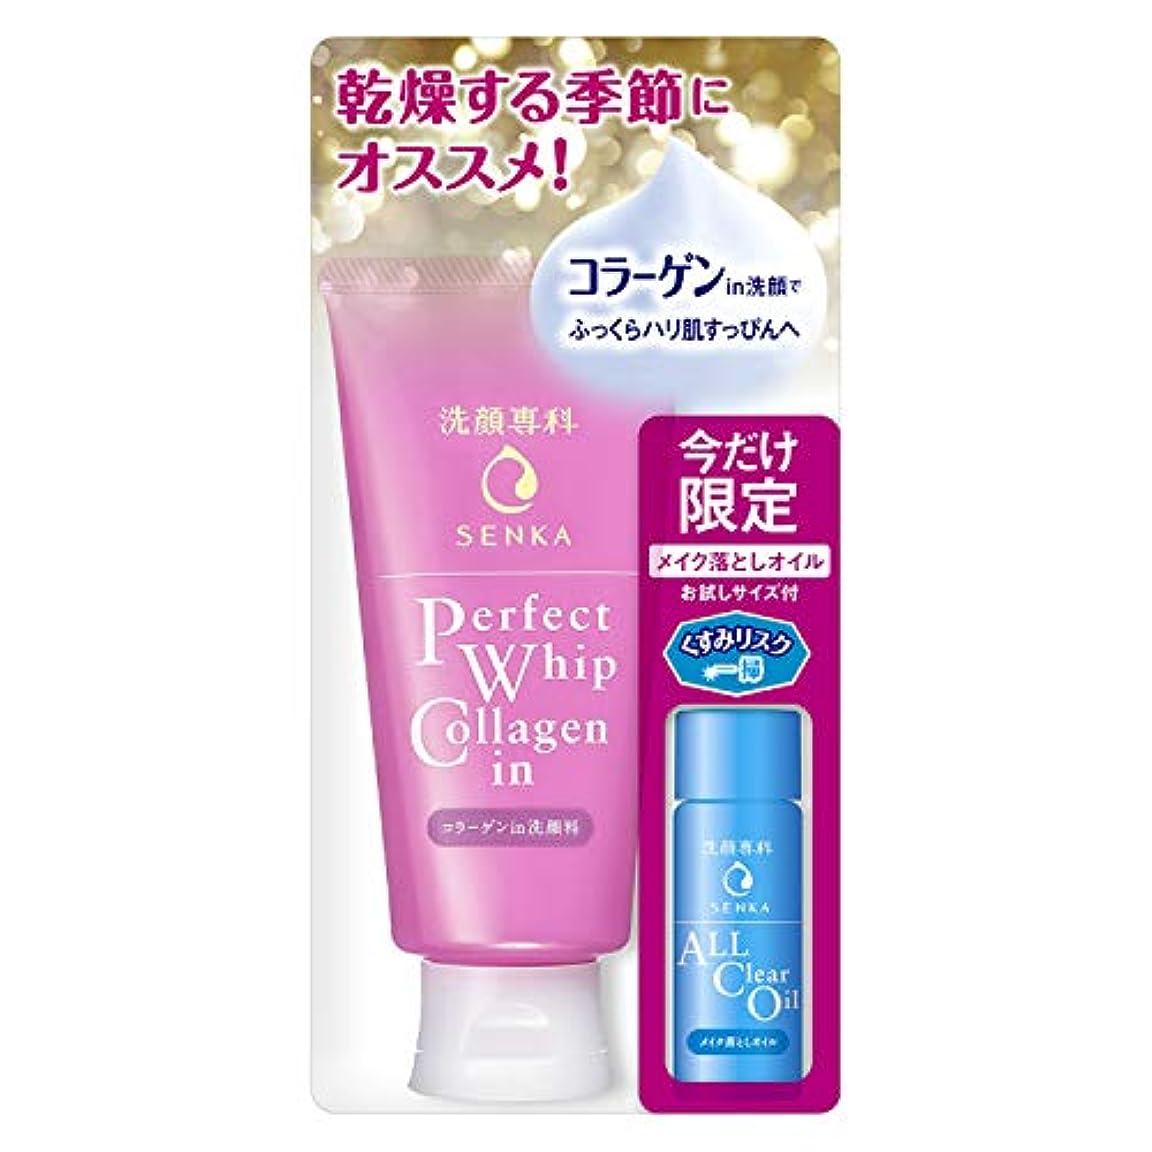 アナログスカーフ尊敬する洗顔専科 パーフェクトホイップ コラーゲンin オールクリアオイル特製サイズ付き